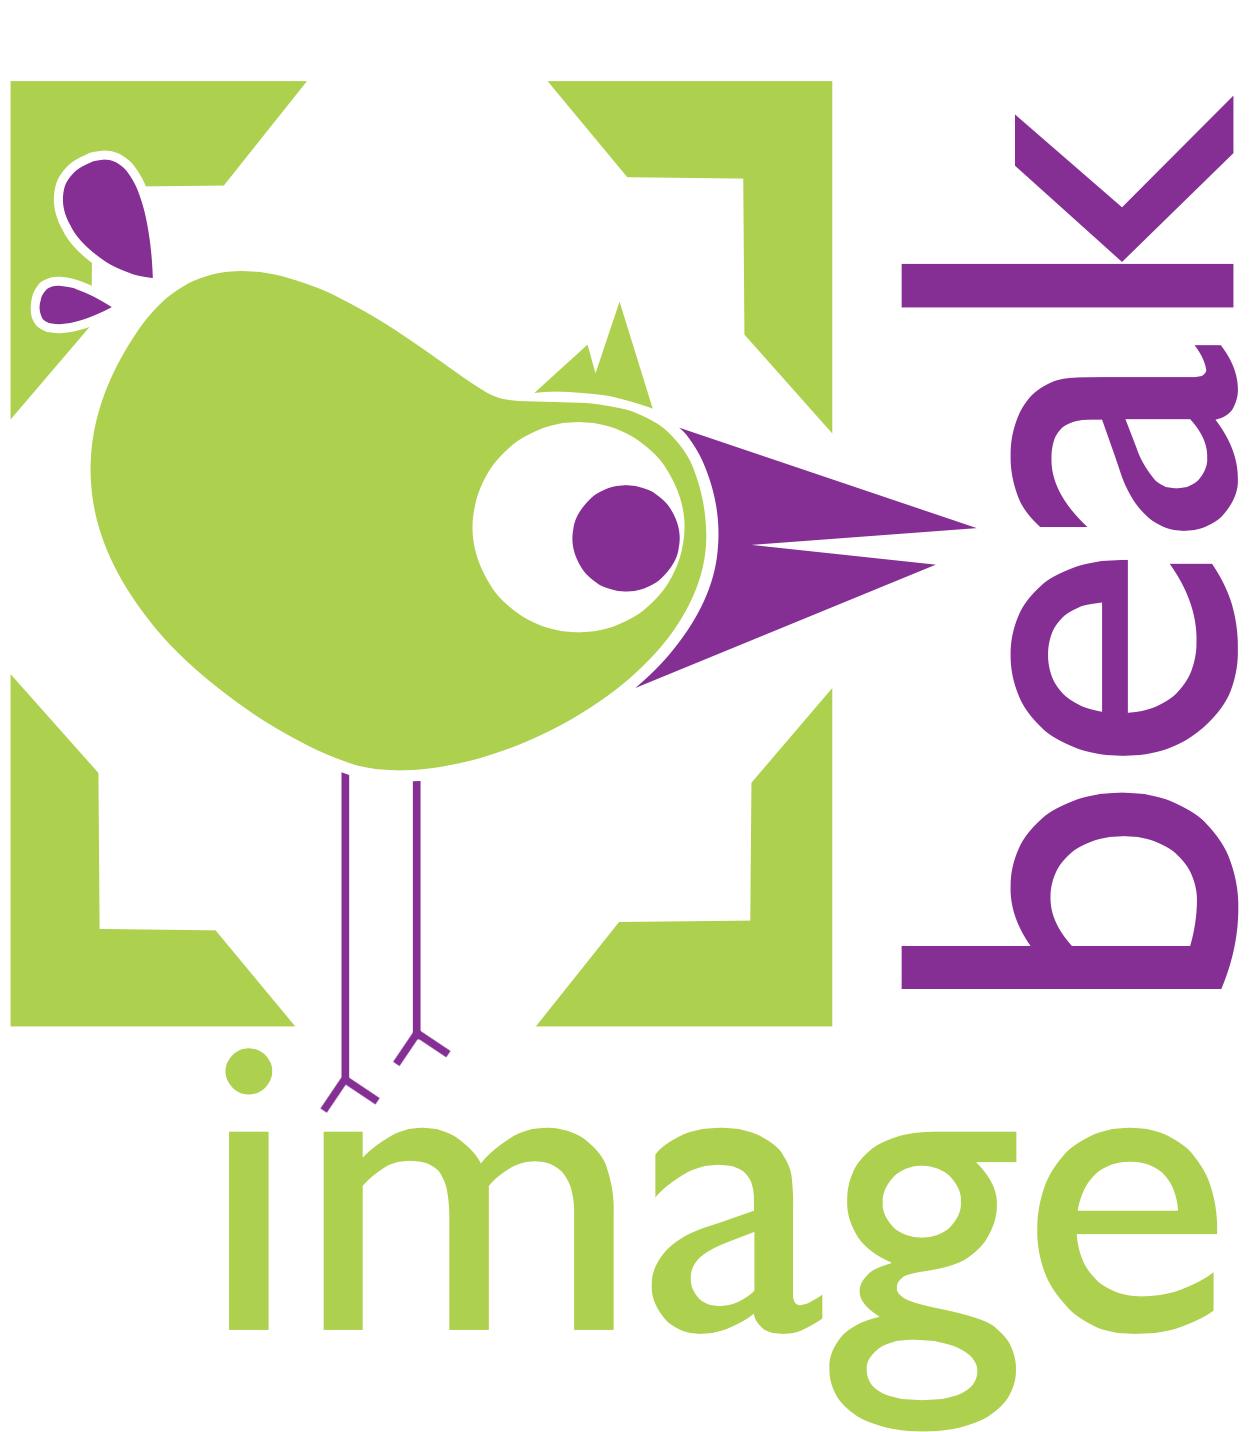 Image Beak